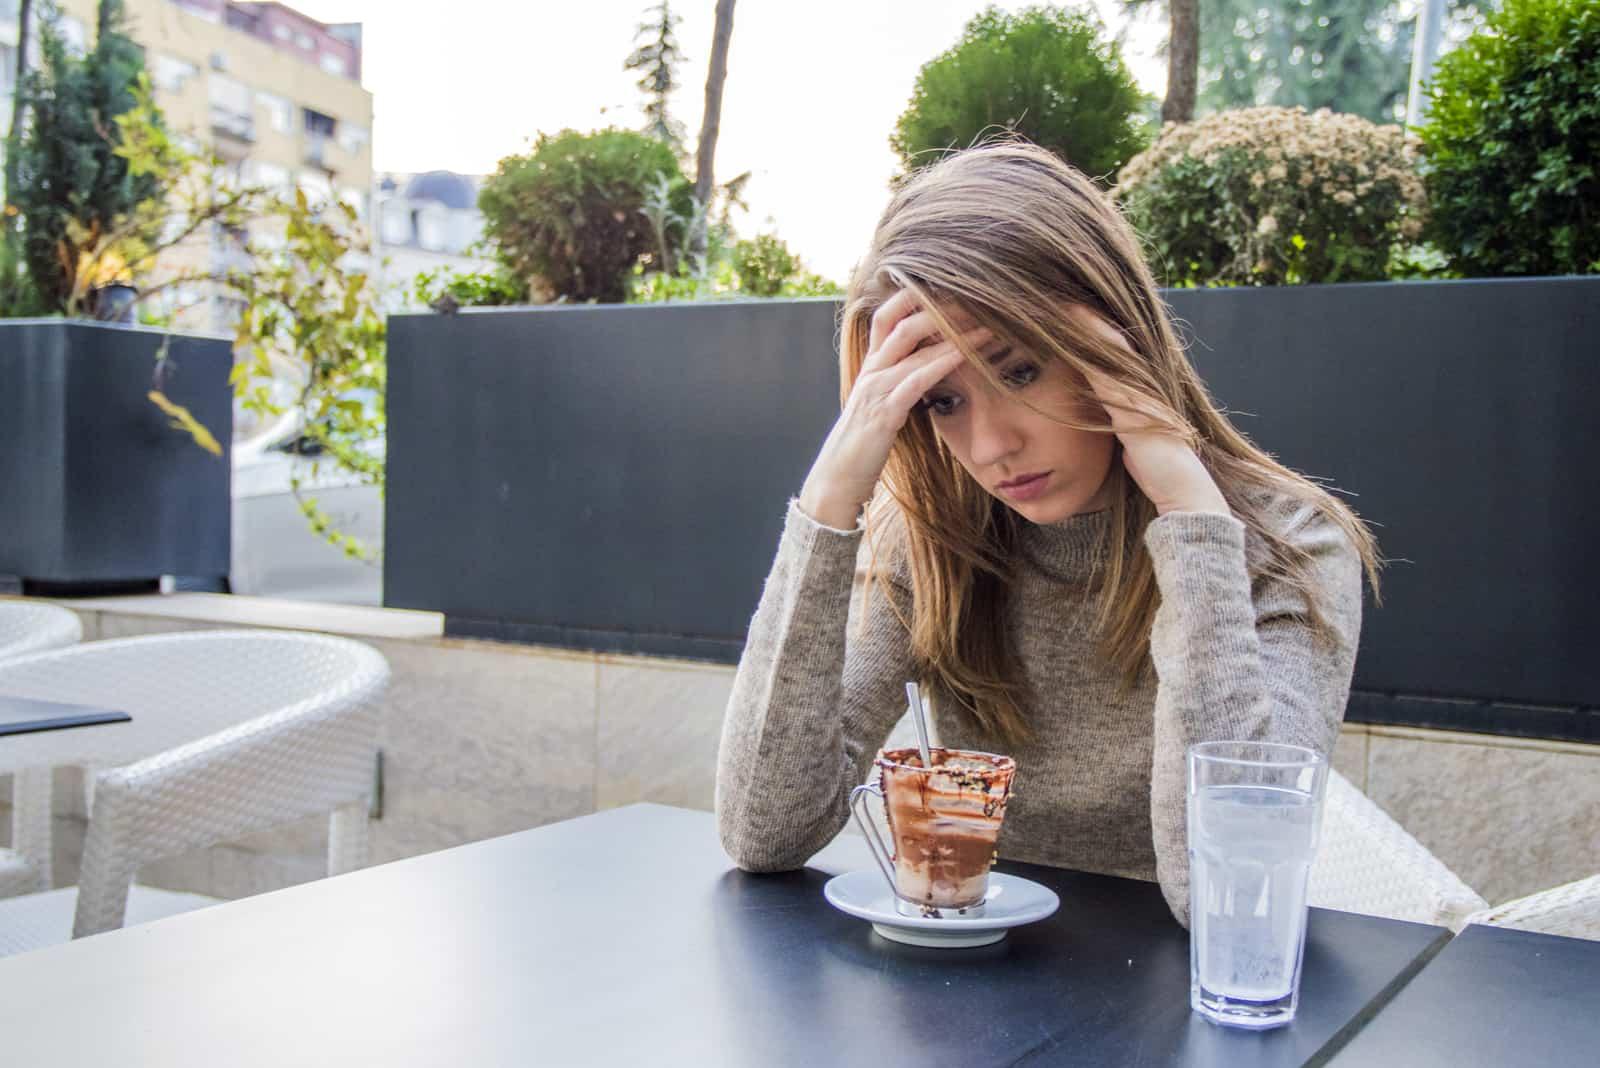 Auf der Terrasse des Cafés sitzt eine traurige Brünette